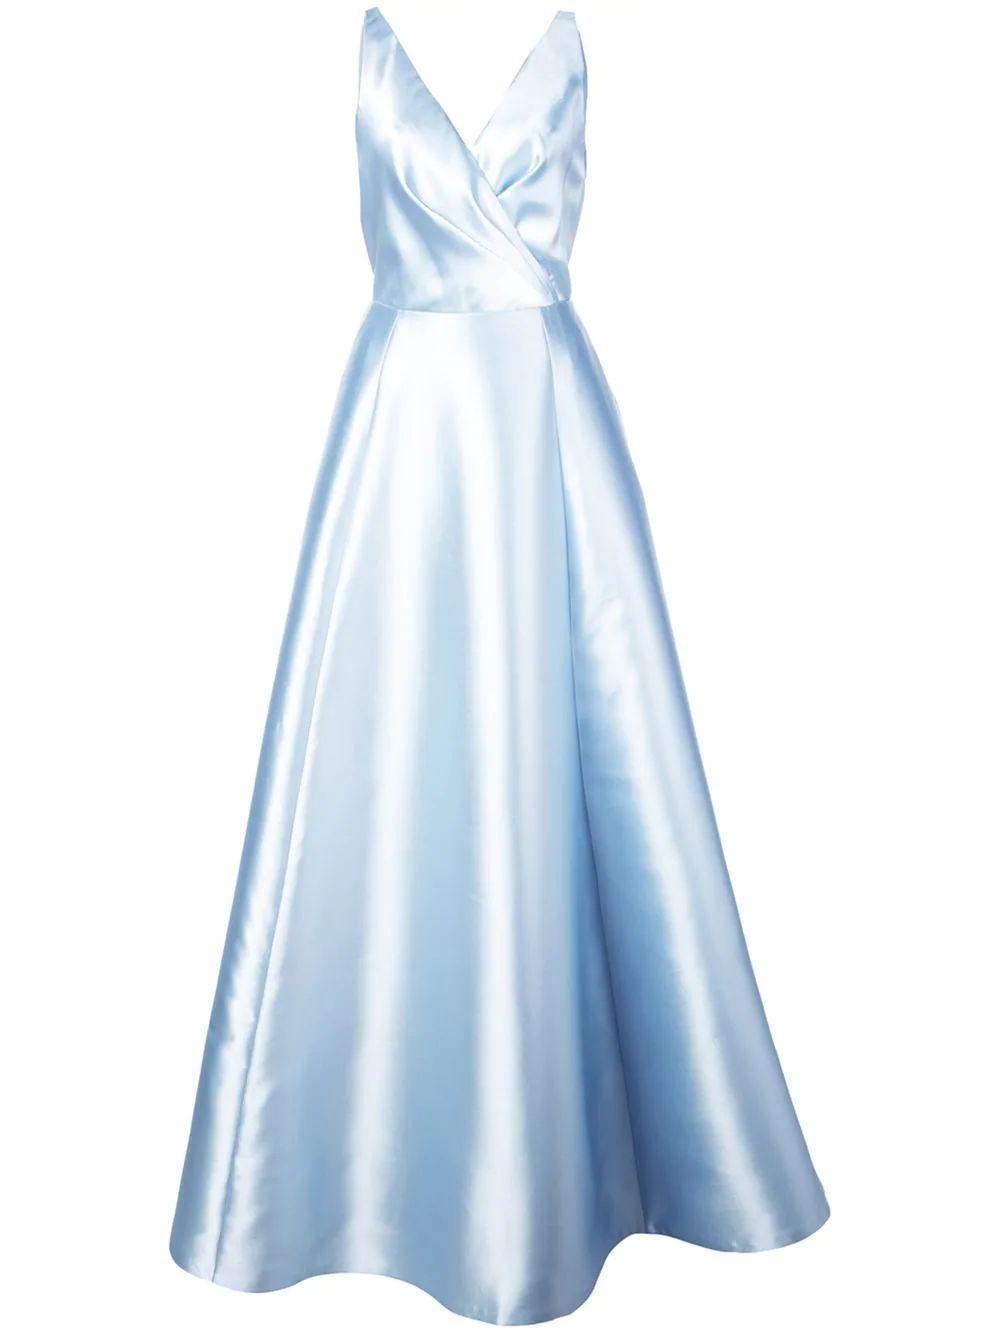 Rae V Neck Cross Top Full Gown Item # S29G20NM